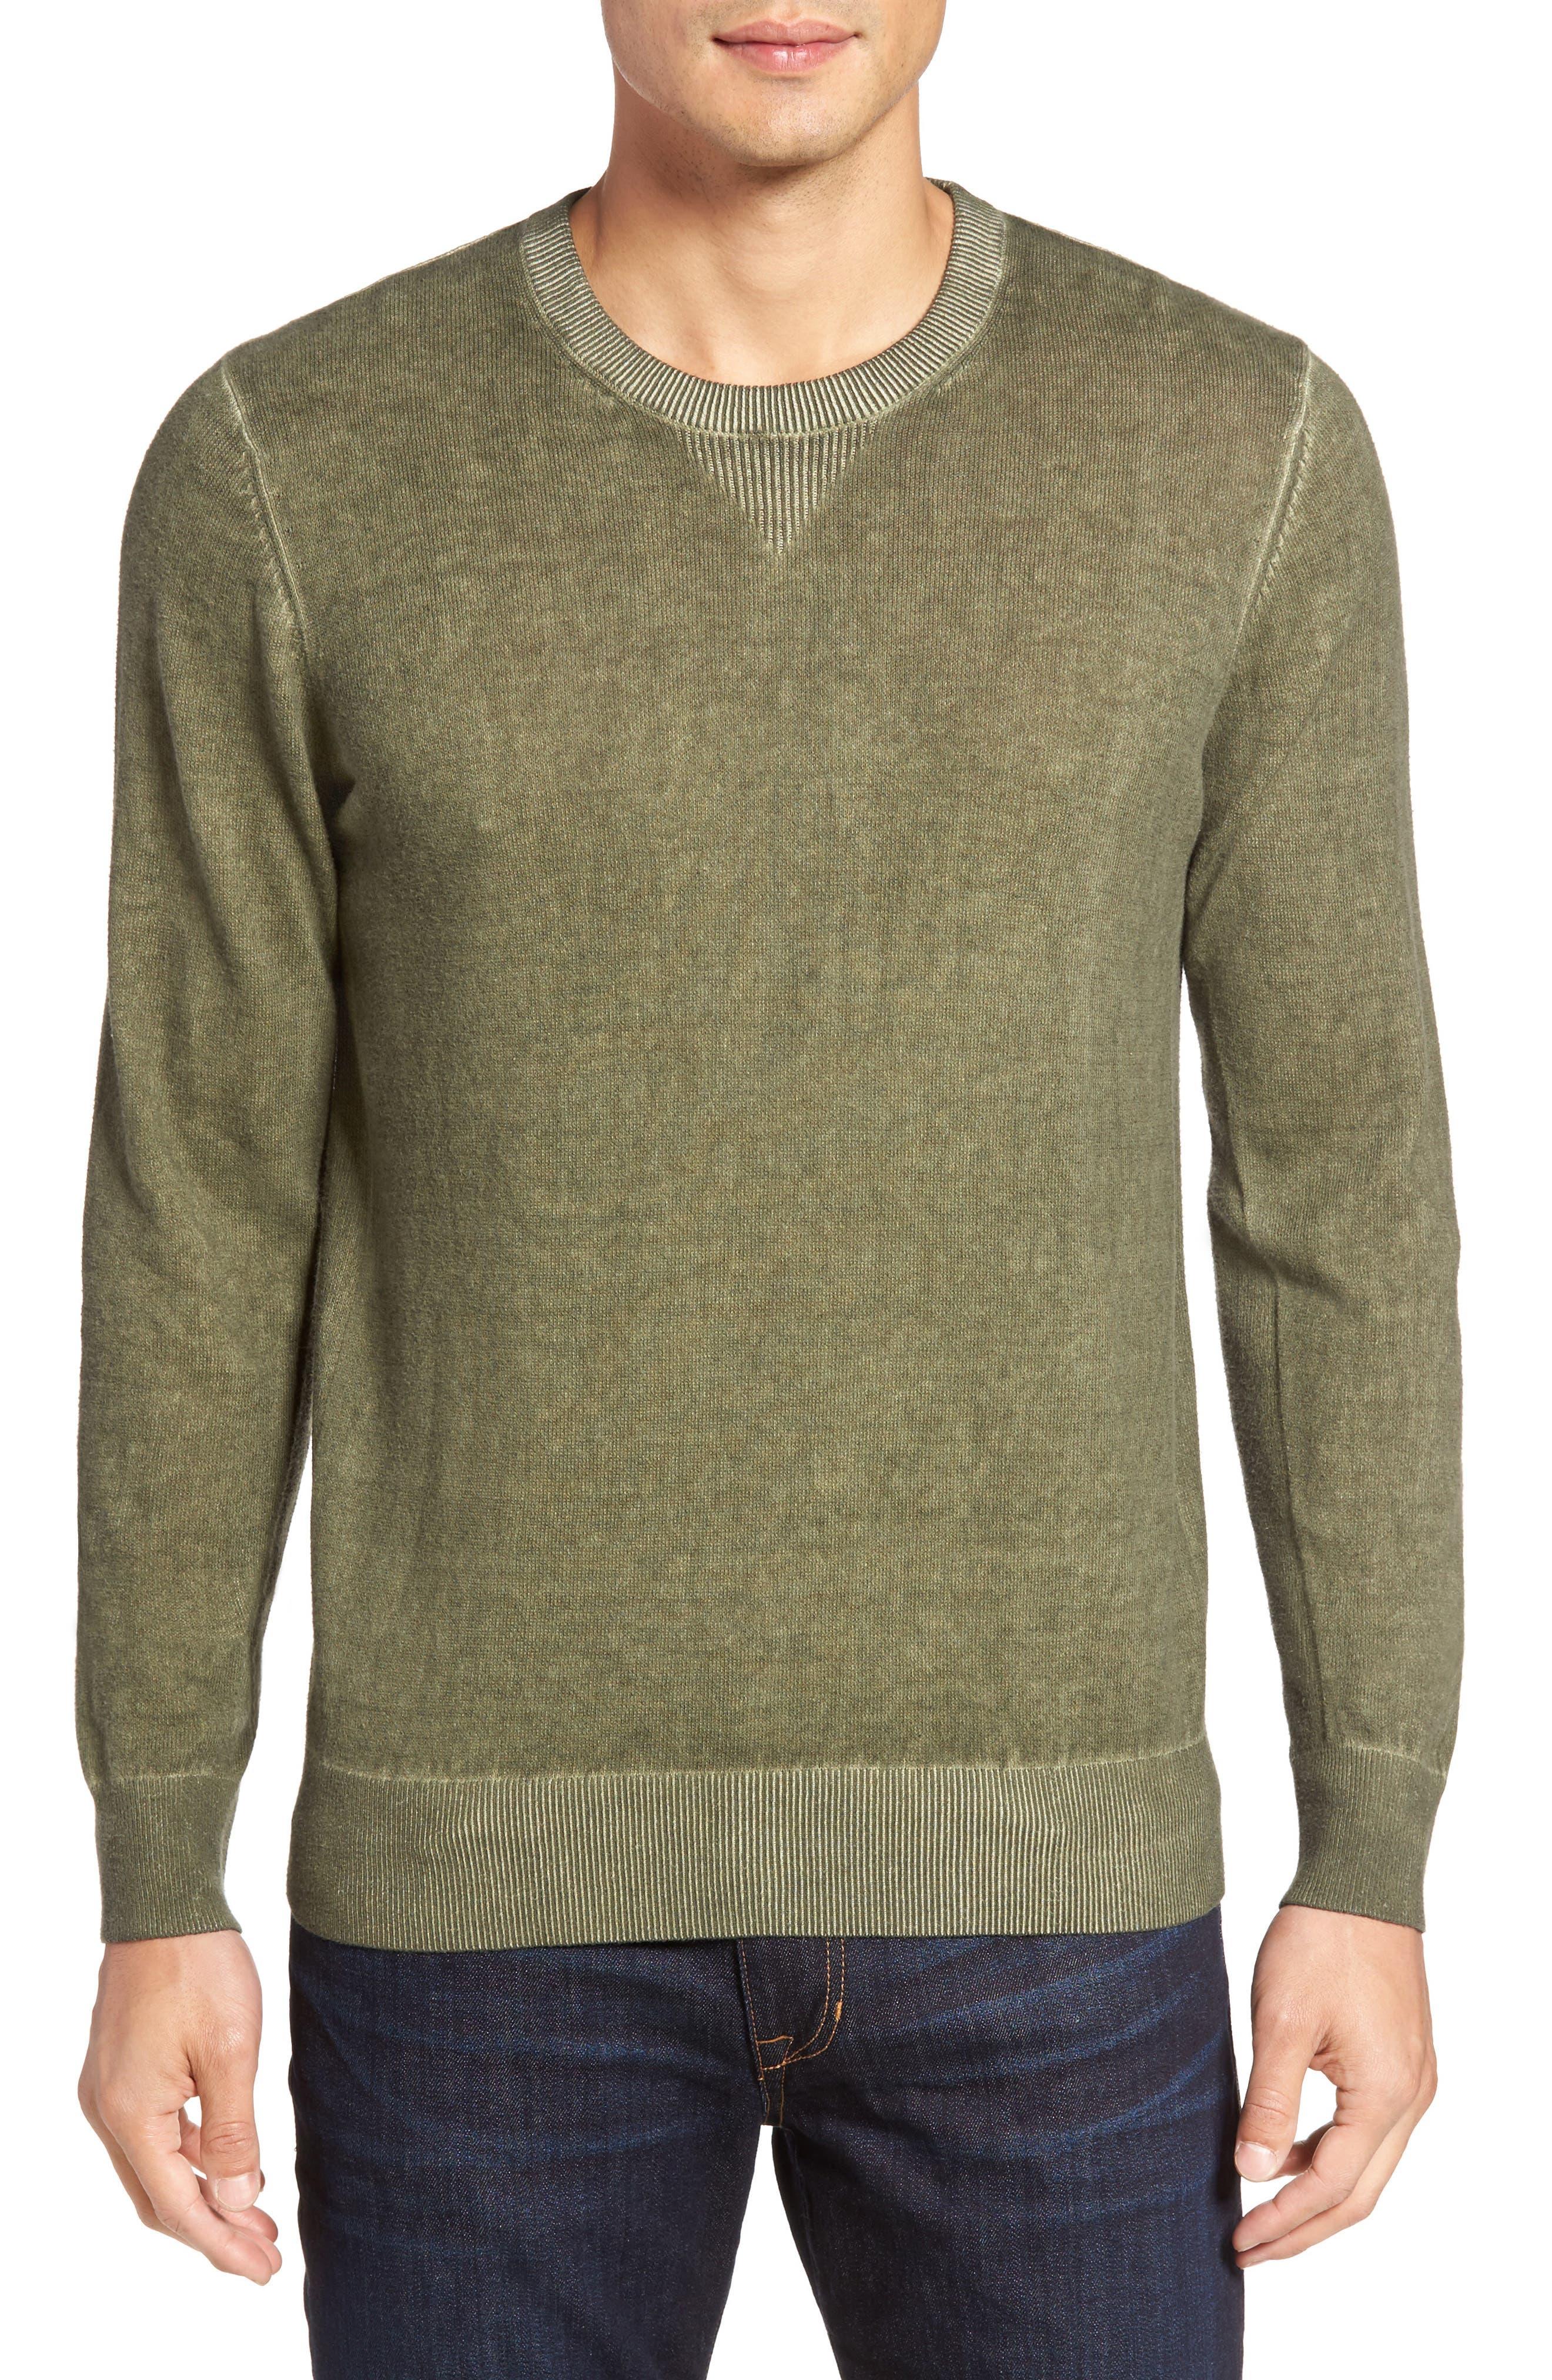 Mace Crewneck Sweater,                             Main thumbnail 1, color,                             316